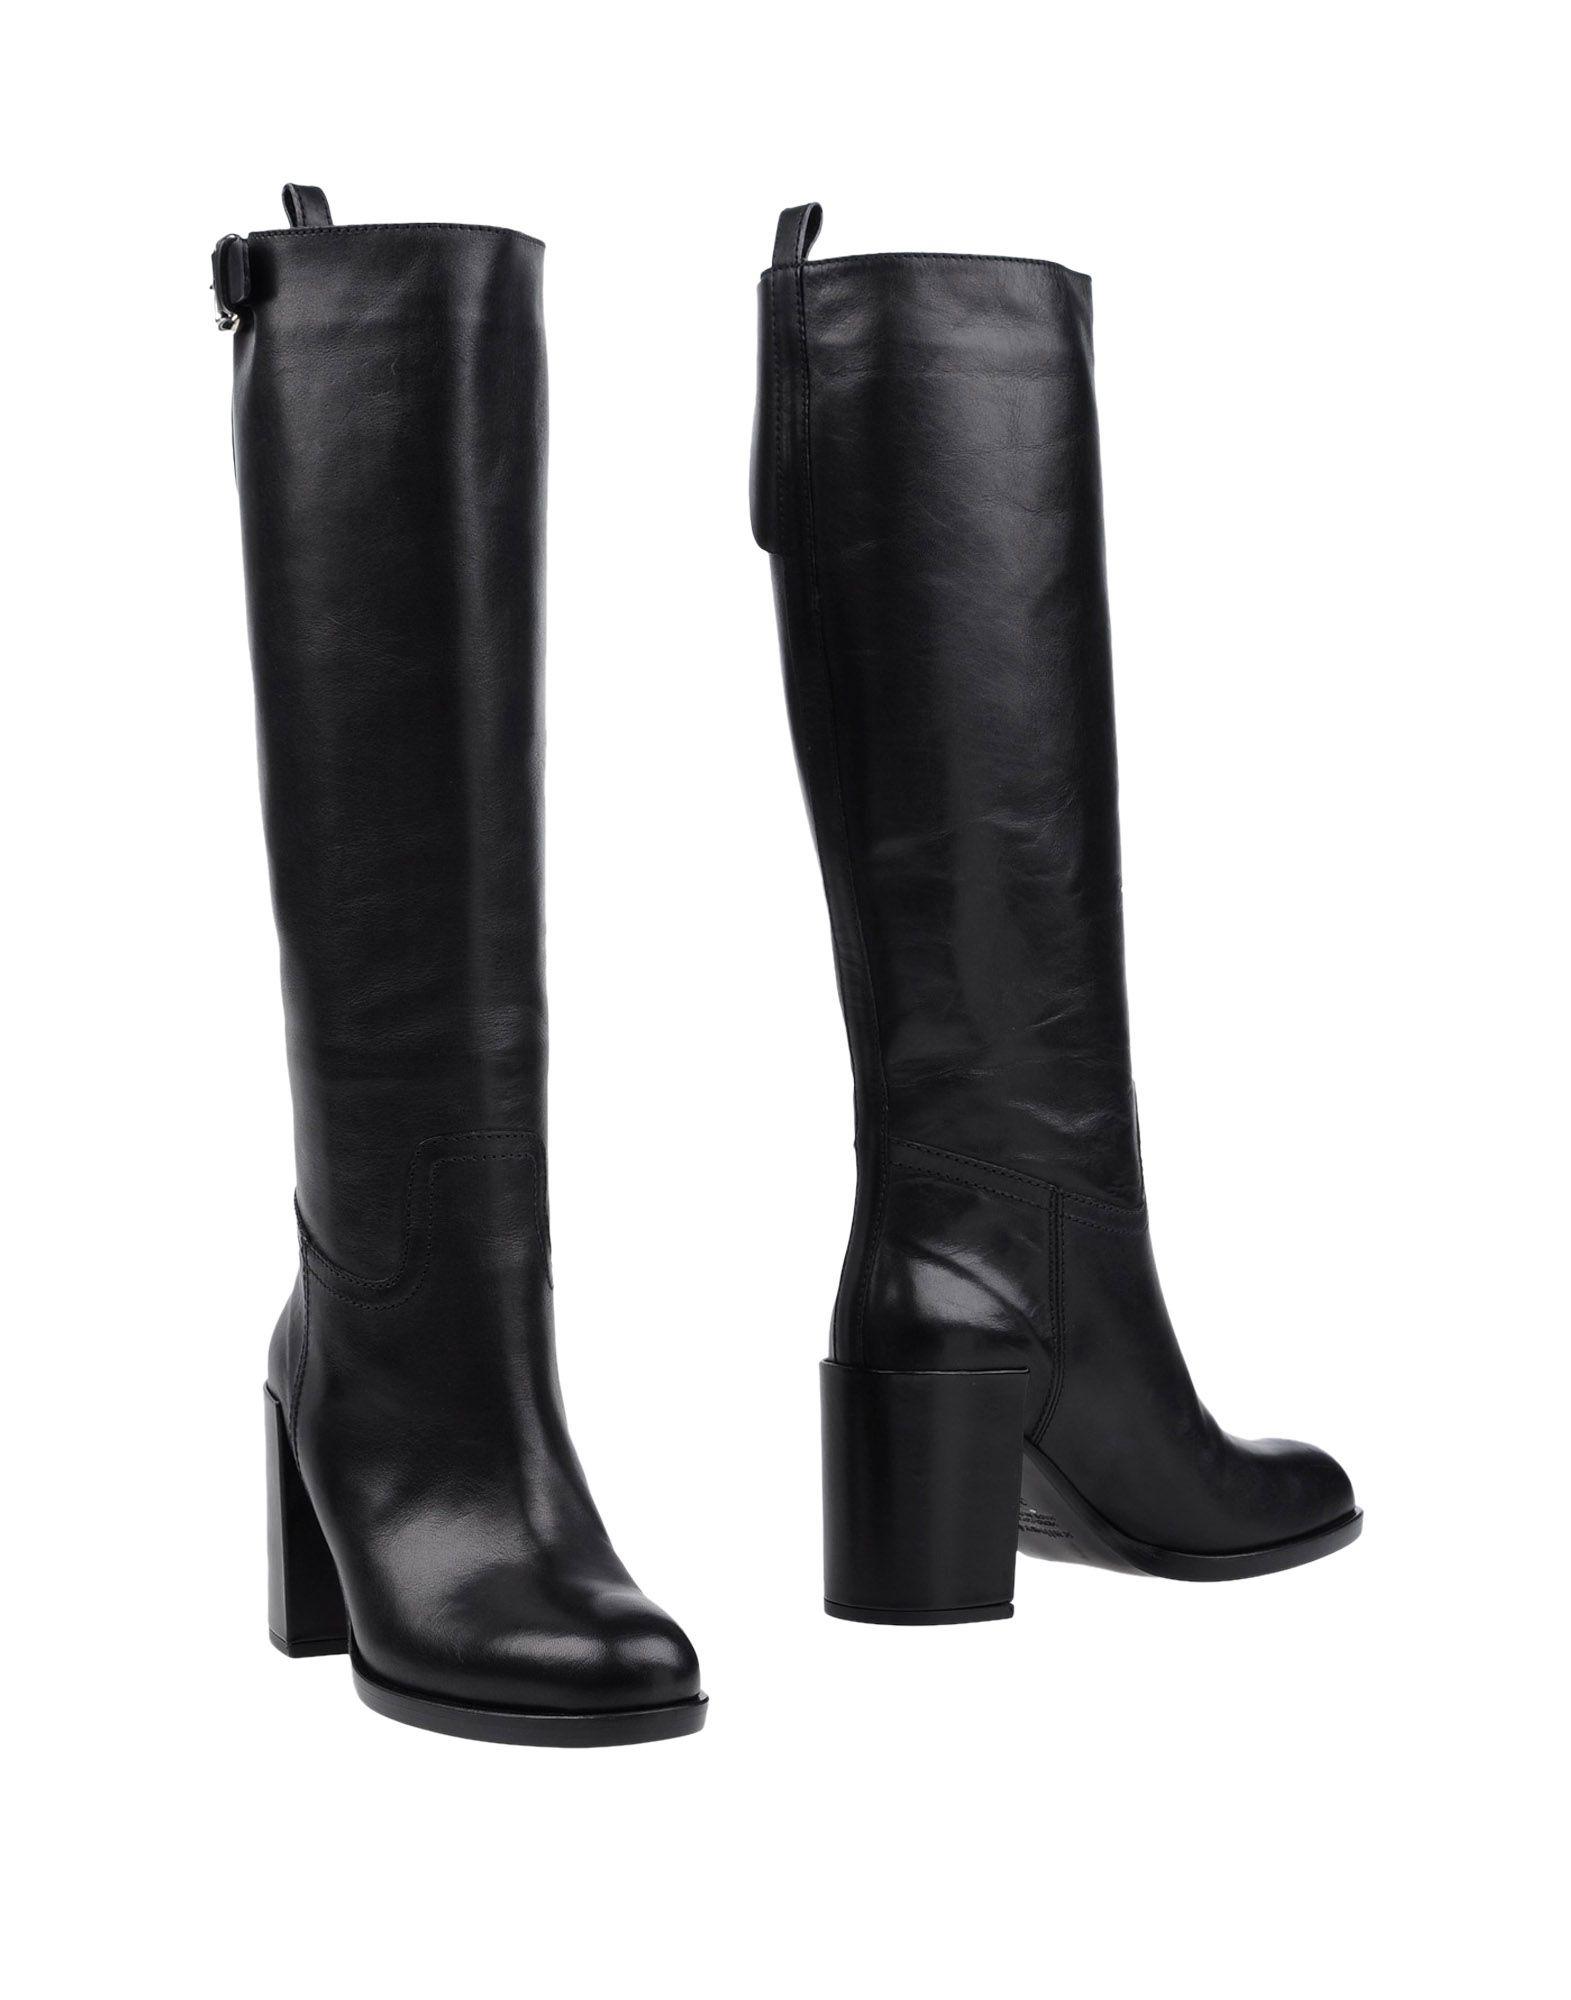 Kallistè Stiefel Damen  11362402ICGut aussehende strapazierfähige Schuhe